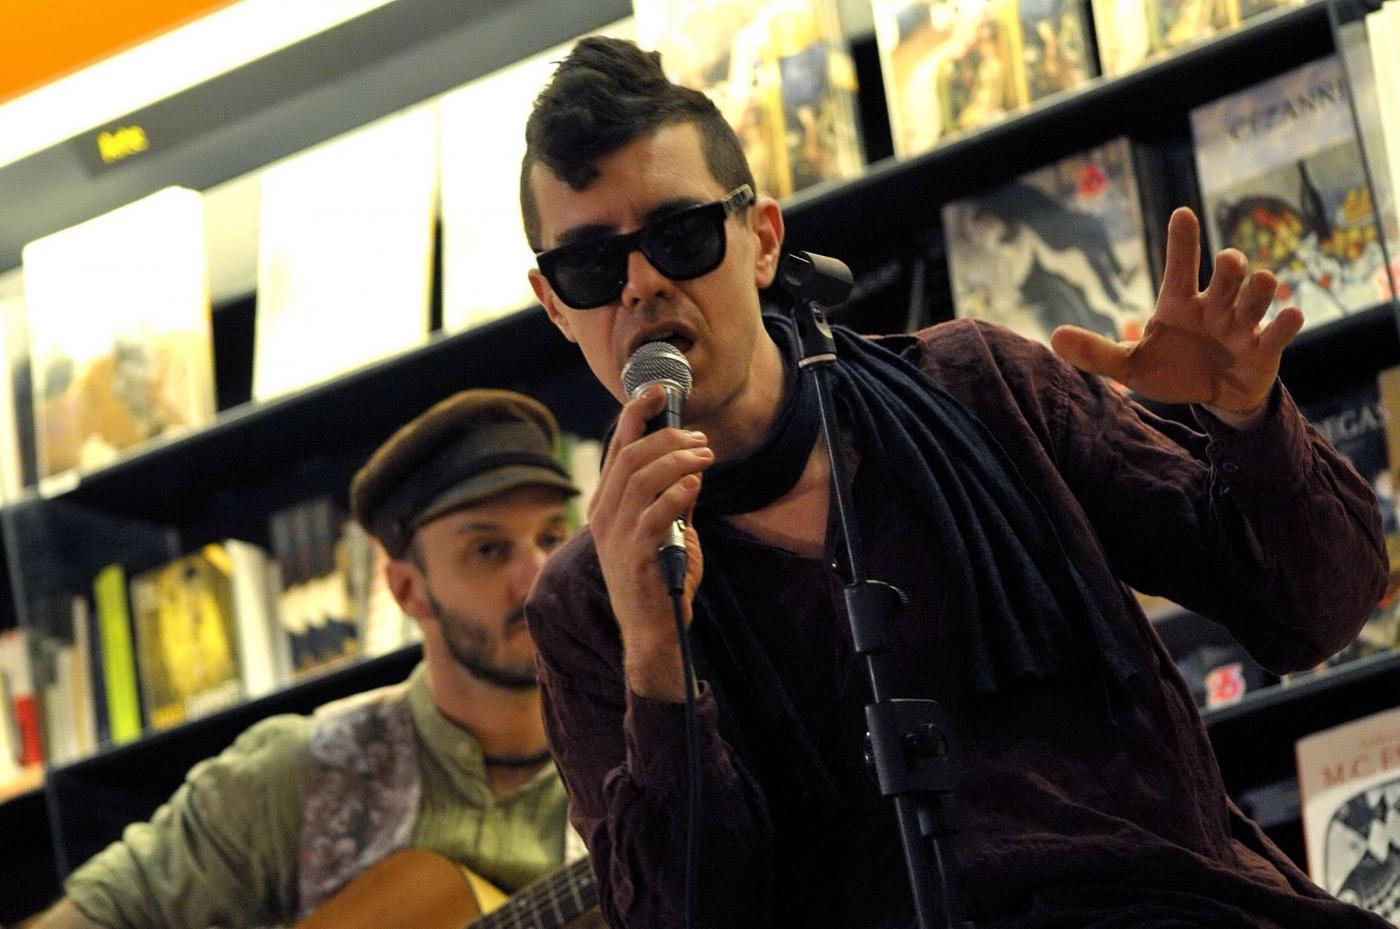 I Nobraino esclusi dal concerto del 1^ maggio a Taranto, le scuse dopo il commento sulla strage dei migranti